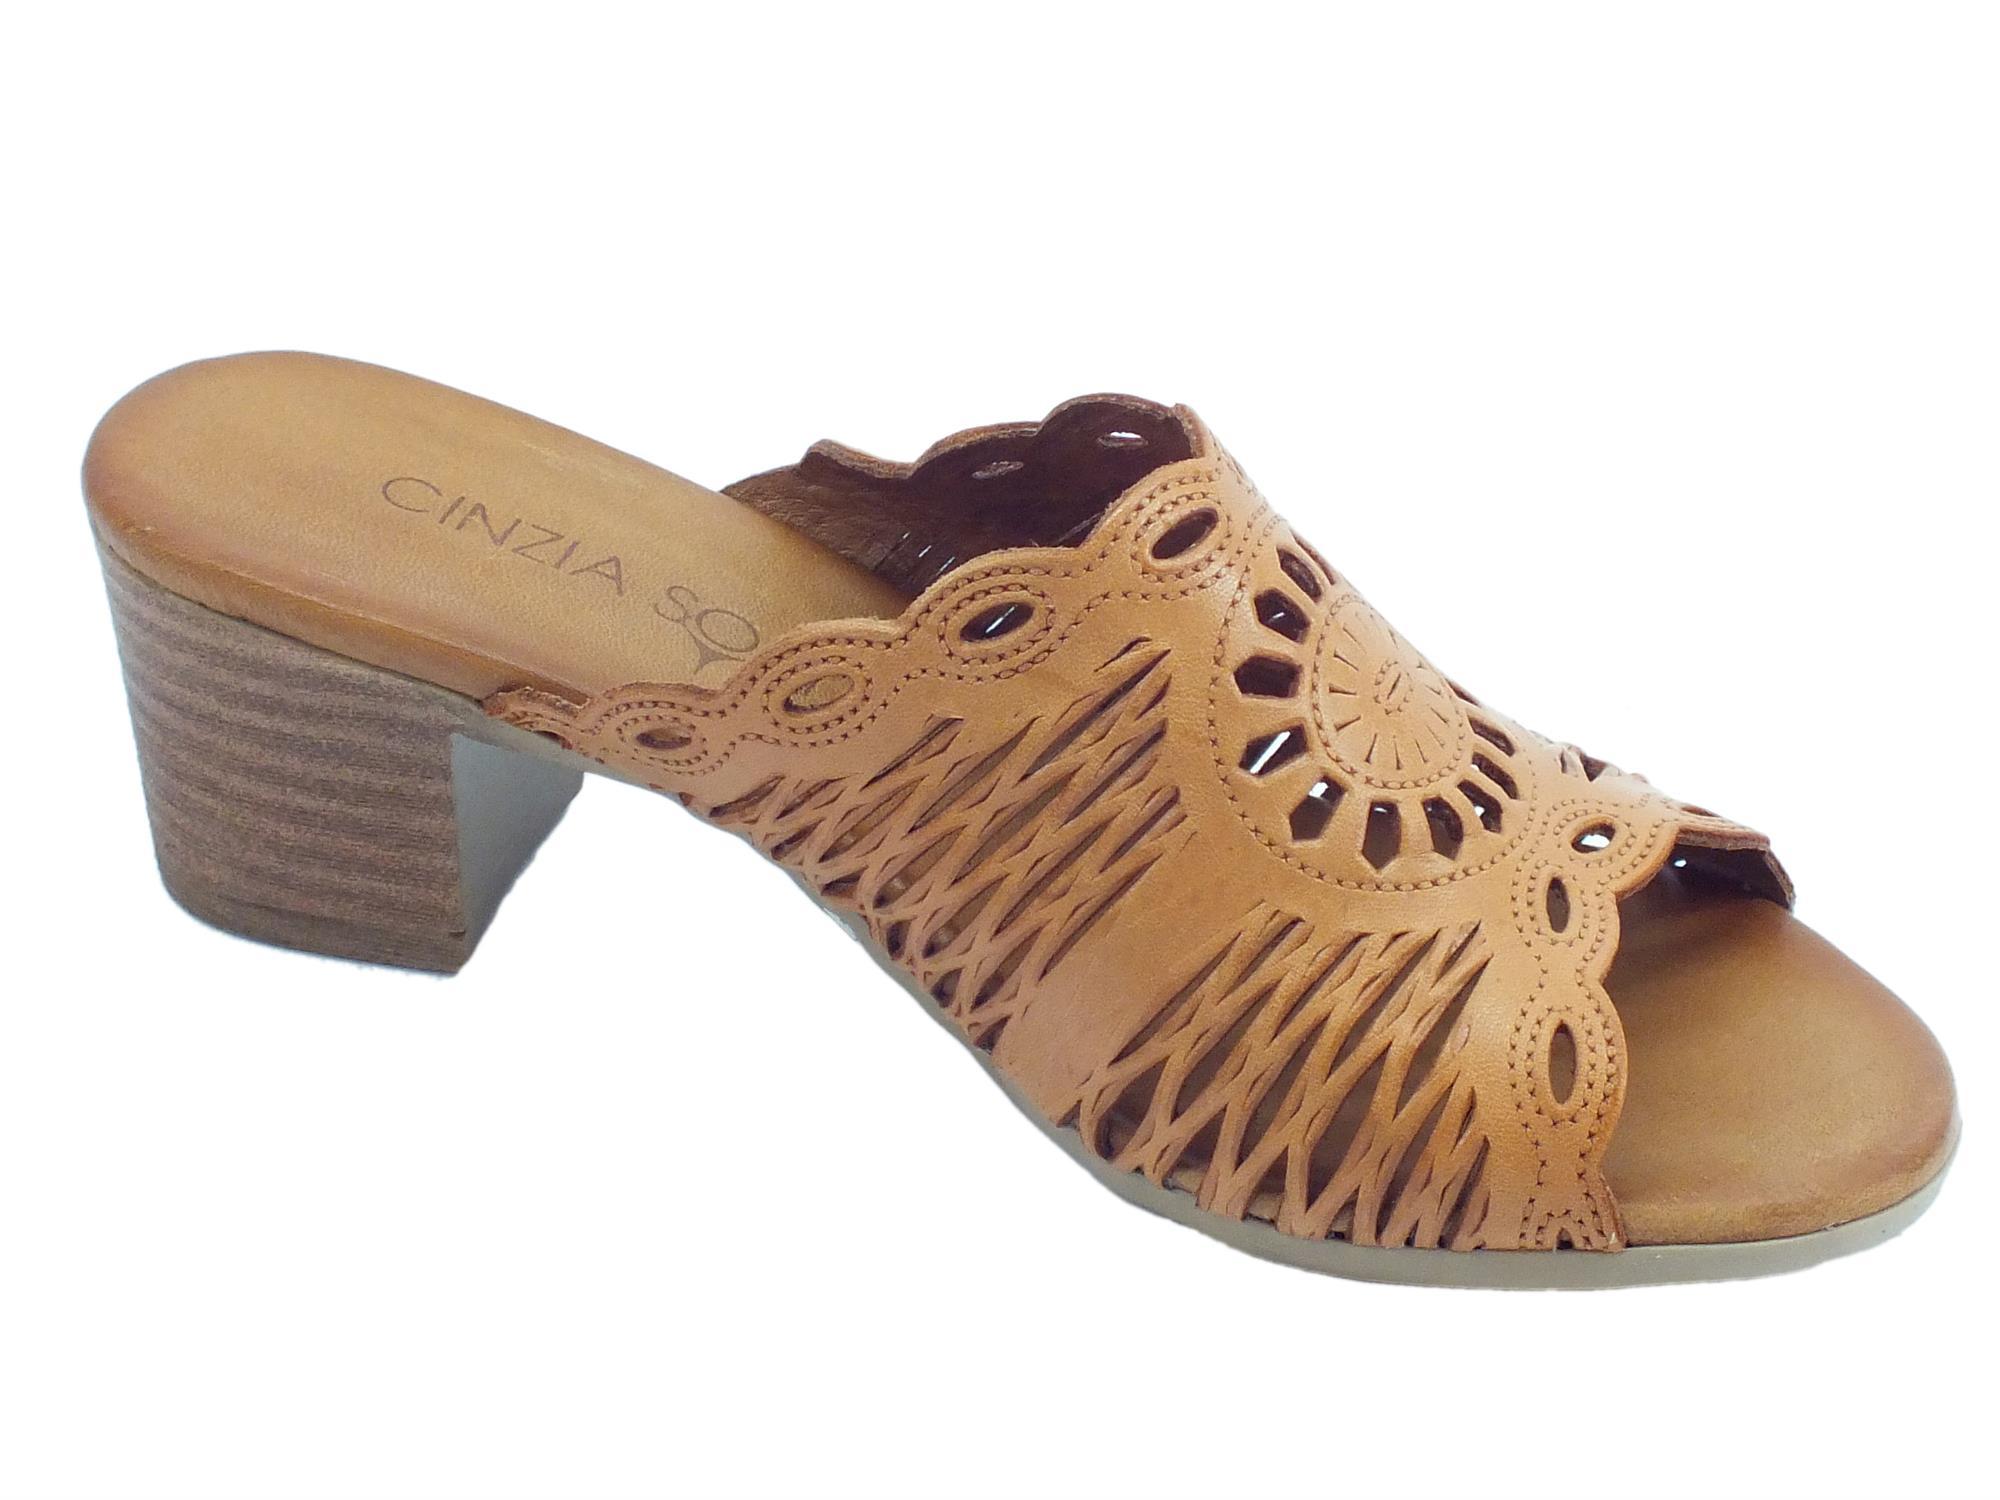 28e5ca5d8c66a ... Cinzia Soft sandali scalsati per donna in pelle laserata colore  tanganica tacco medio ...